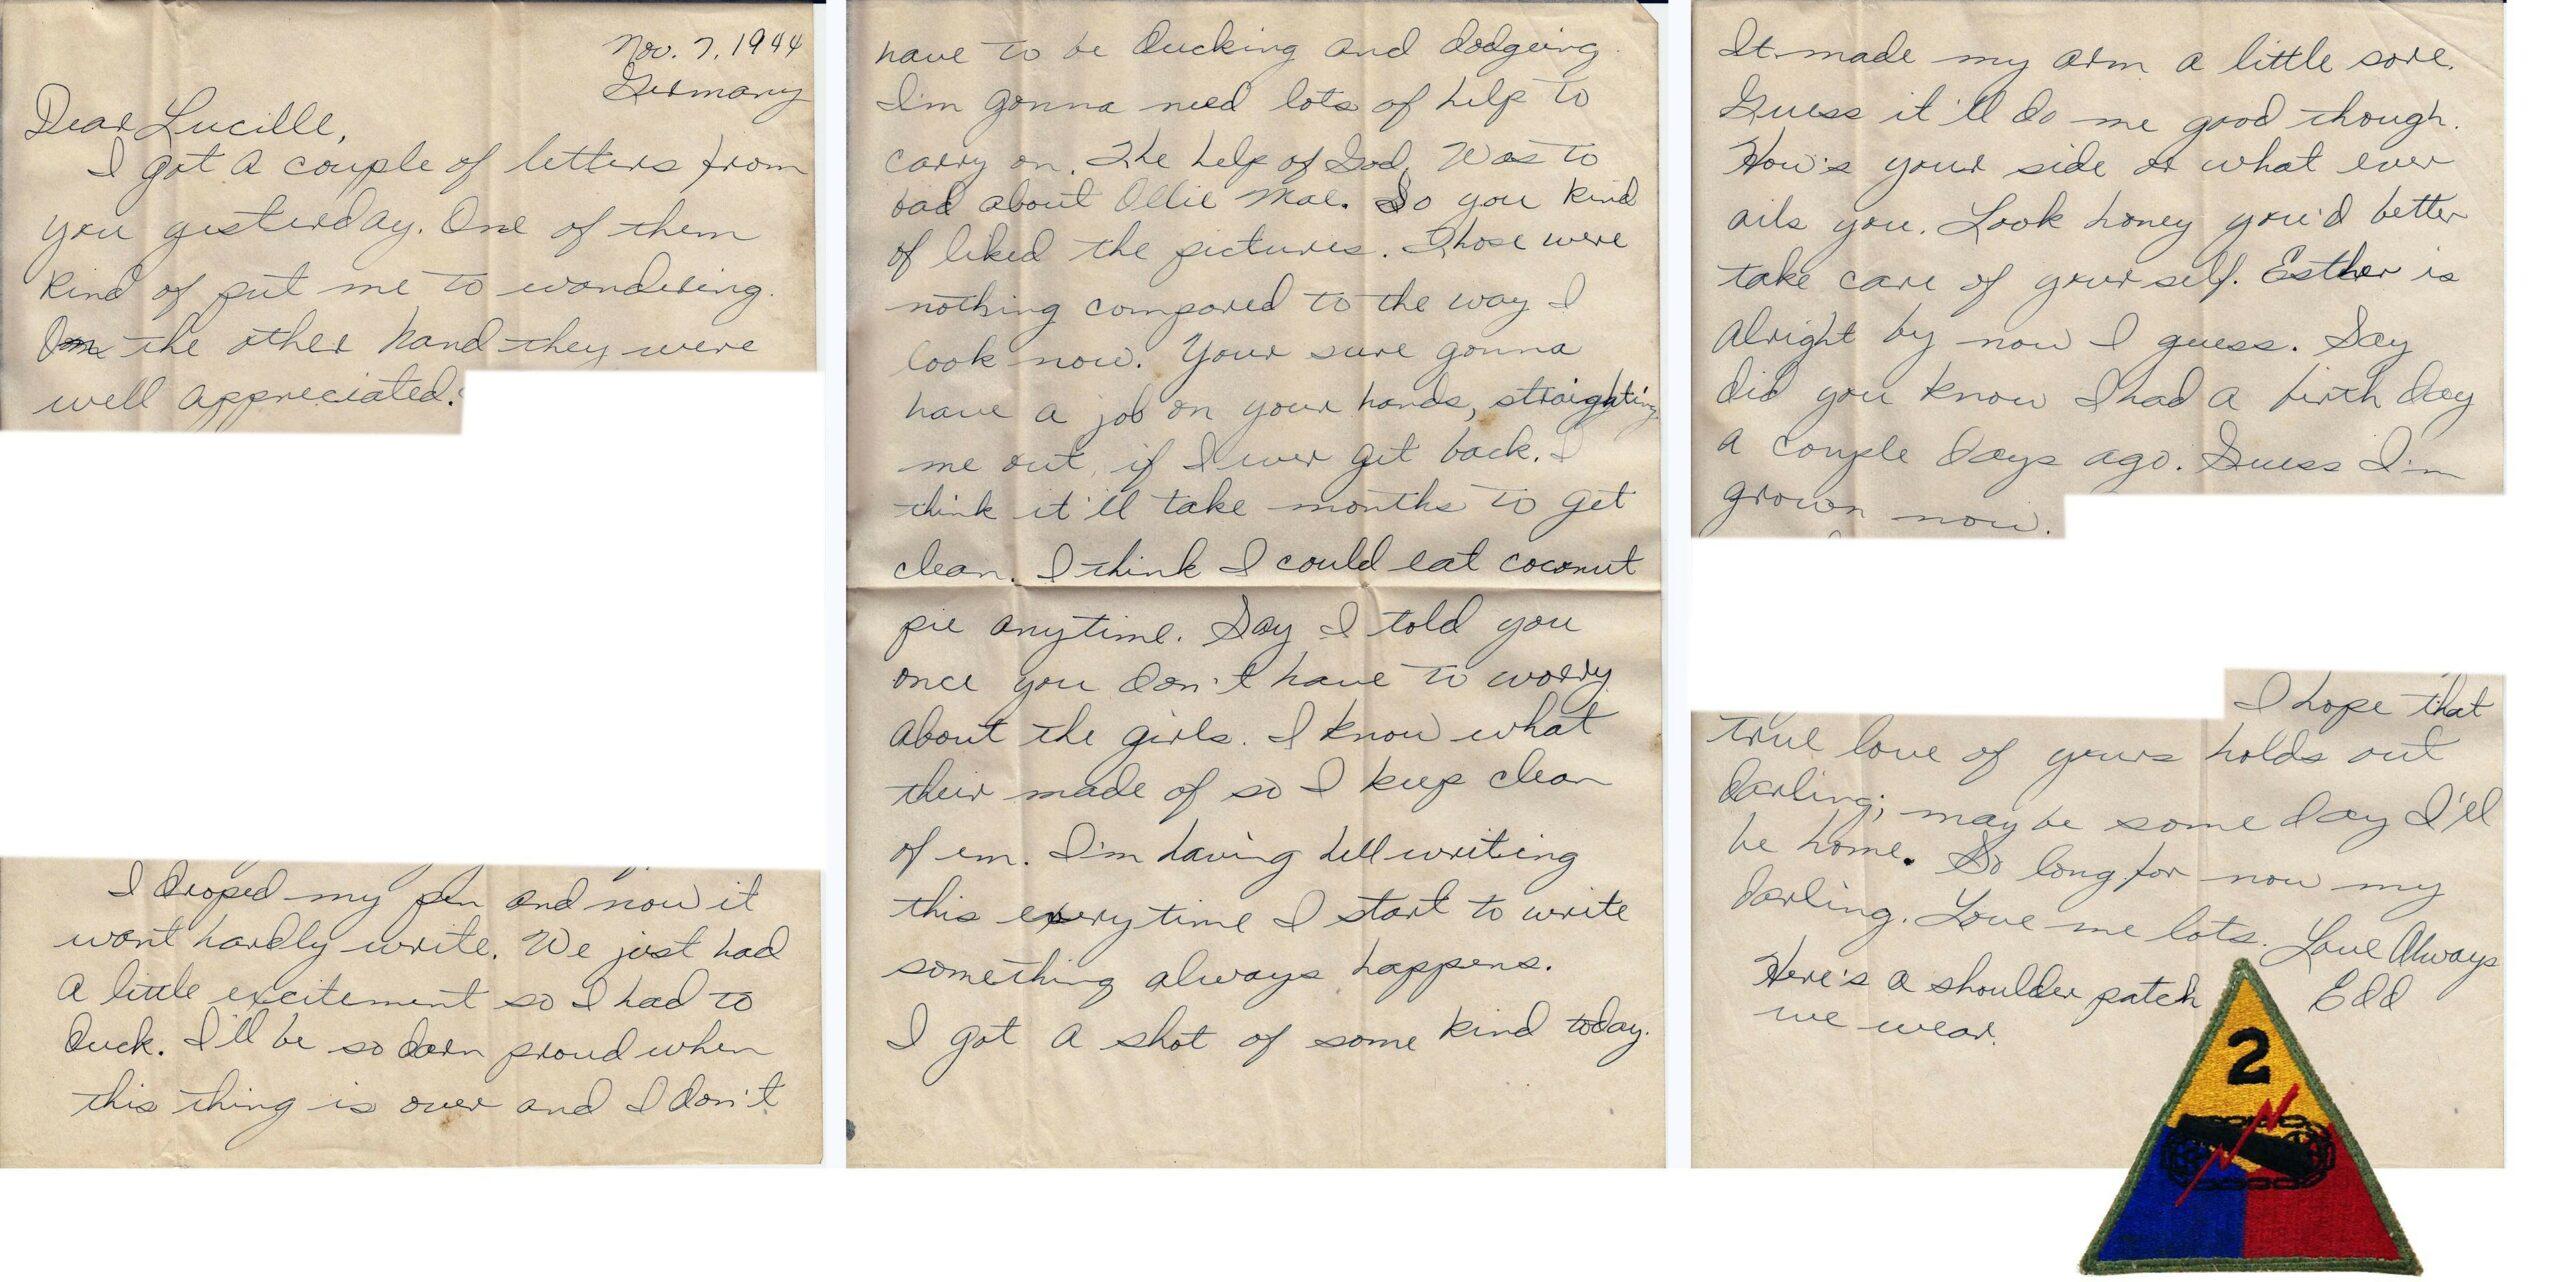 Letter 11.7.1944 (Courtesy Mark Hiett)